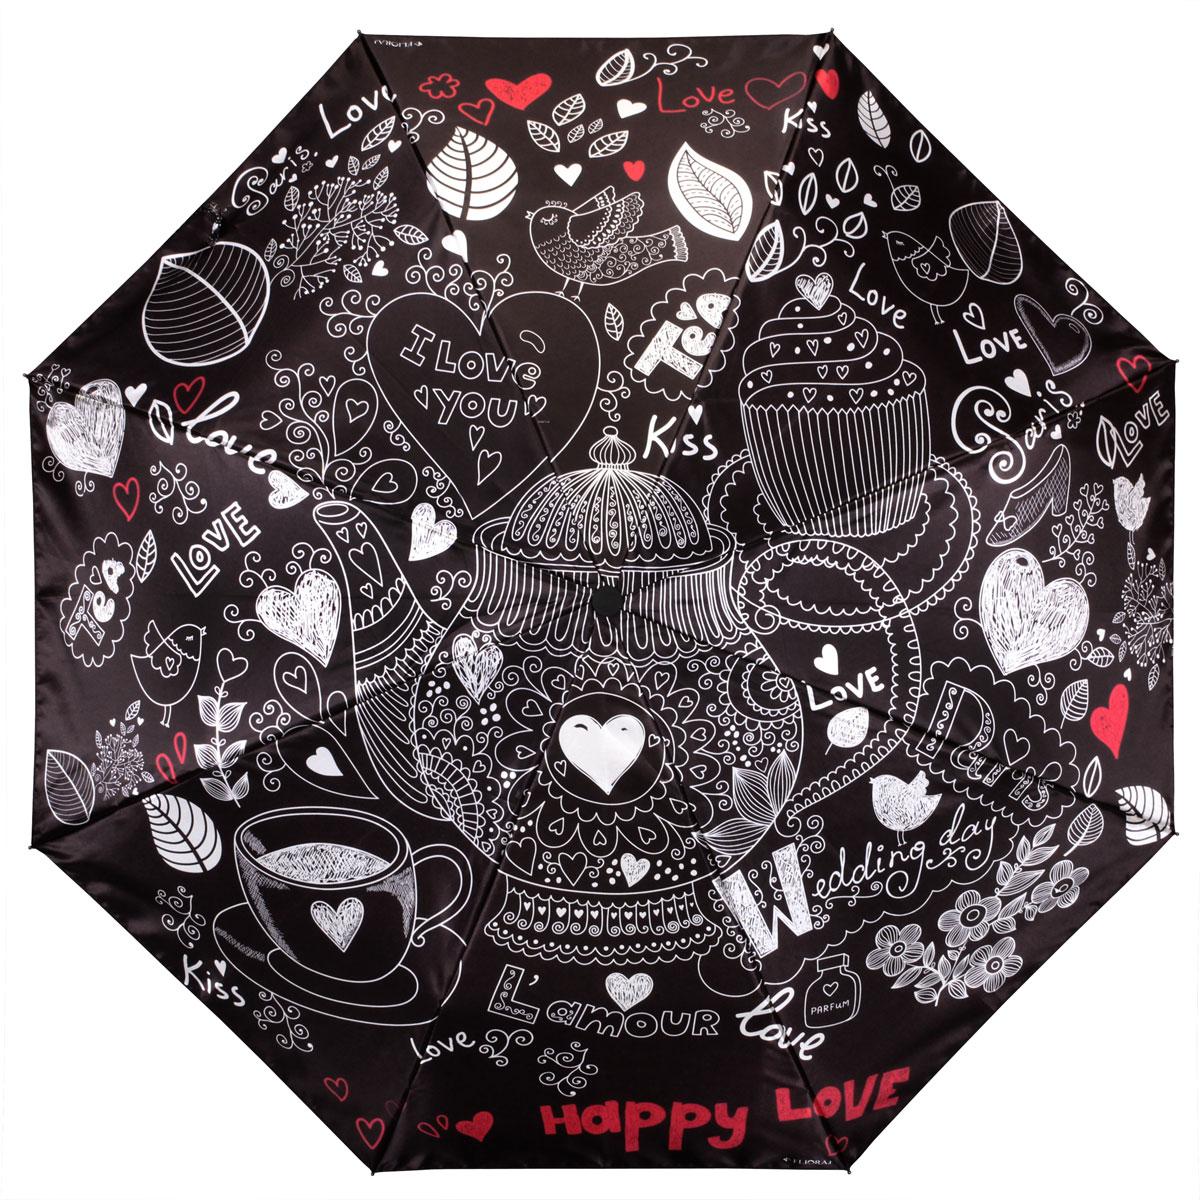 Зонт женский Flioraj Happy Love, автомат, 3 сложения. 013-045FJ013-045FJСтильный автоматический зонт Flioraj Happy Love в 3 сложения даже в ненастную погоду позволит вам оставаться стильной и элегантной. Каркас зонта из анодированной стали состоит из восьми карбоновых спиц, оснащен удобной прорезиненной рукояткой. Зонт имеет полный автоматический механизм сложения: купол открывается и закрывается нажатием кнопки на рукоятке, стержень складывается вручную до характерного щелчка, благодаря чему открыть и закрыть зонт можно одной рукой, что чрезвычайно удобно при входе в транспорт или помещение. Купол зонта выполнен из прочного сатина черного цвета и оформлен надписями Happy Love и орнаментом. На рукоятке для удобства есть небольшой шнурок-резинка, позволяющий надеть зонт на руку тогда, когда это будет необходимо. К зонту прилагается чехол.